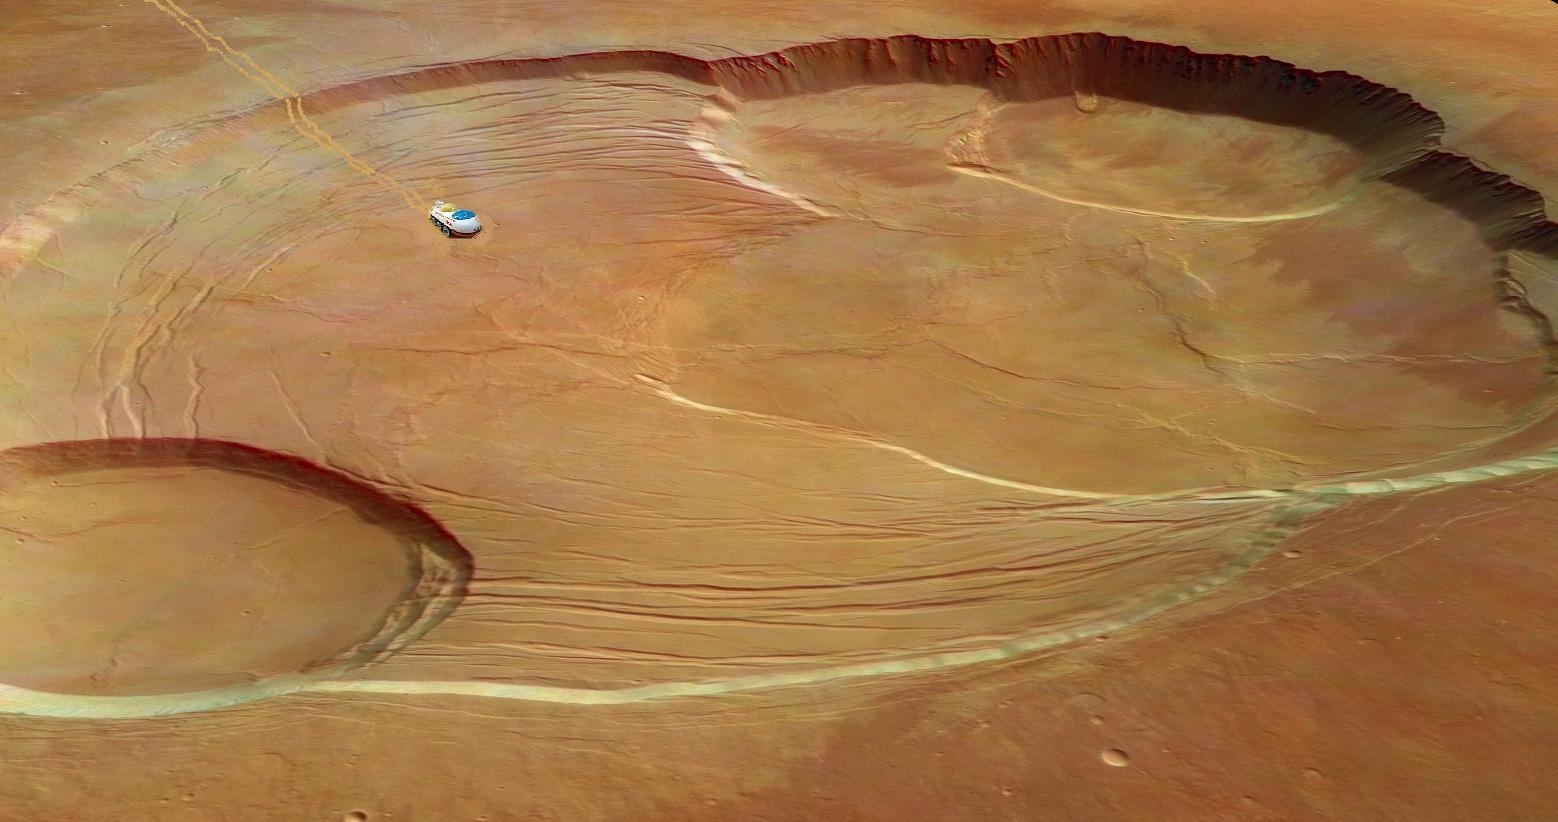 mars underground base - photo #36